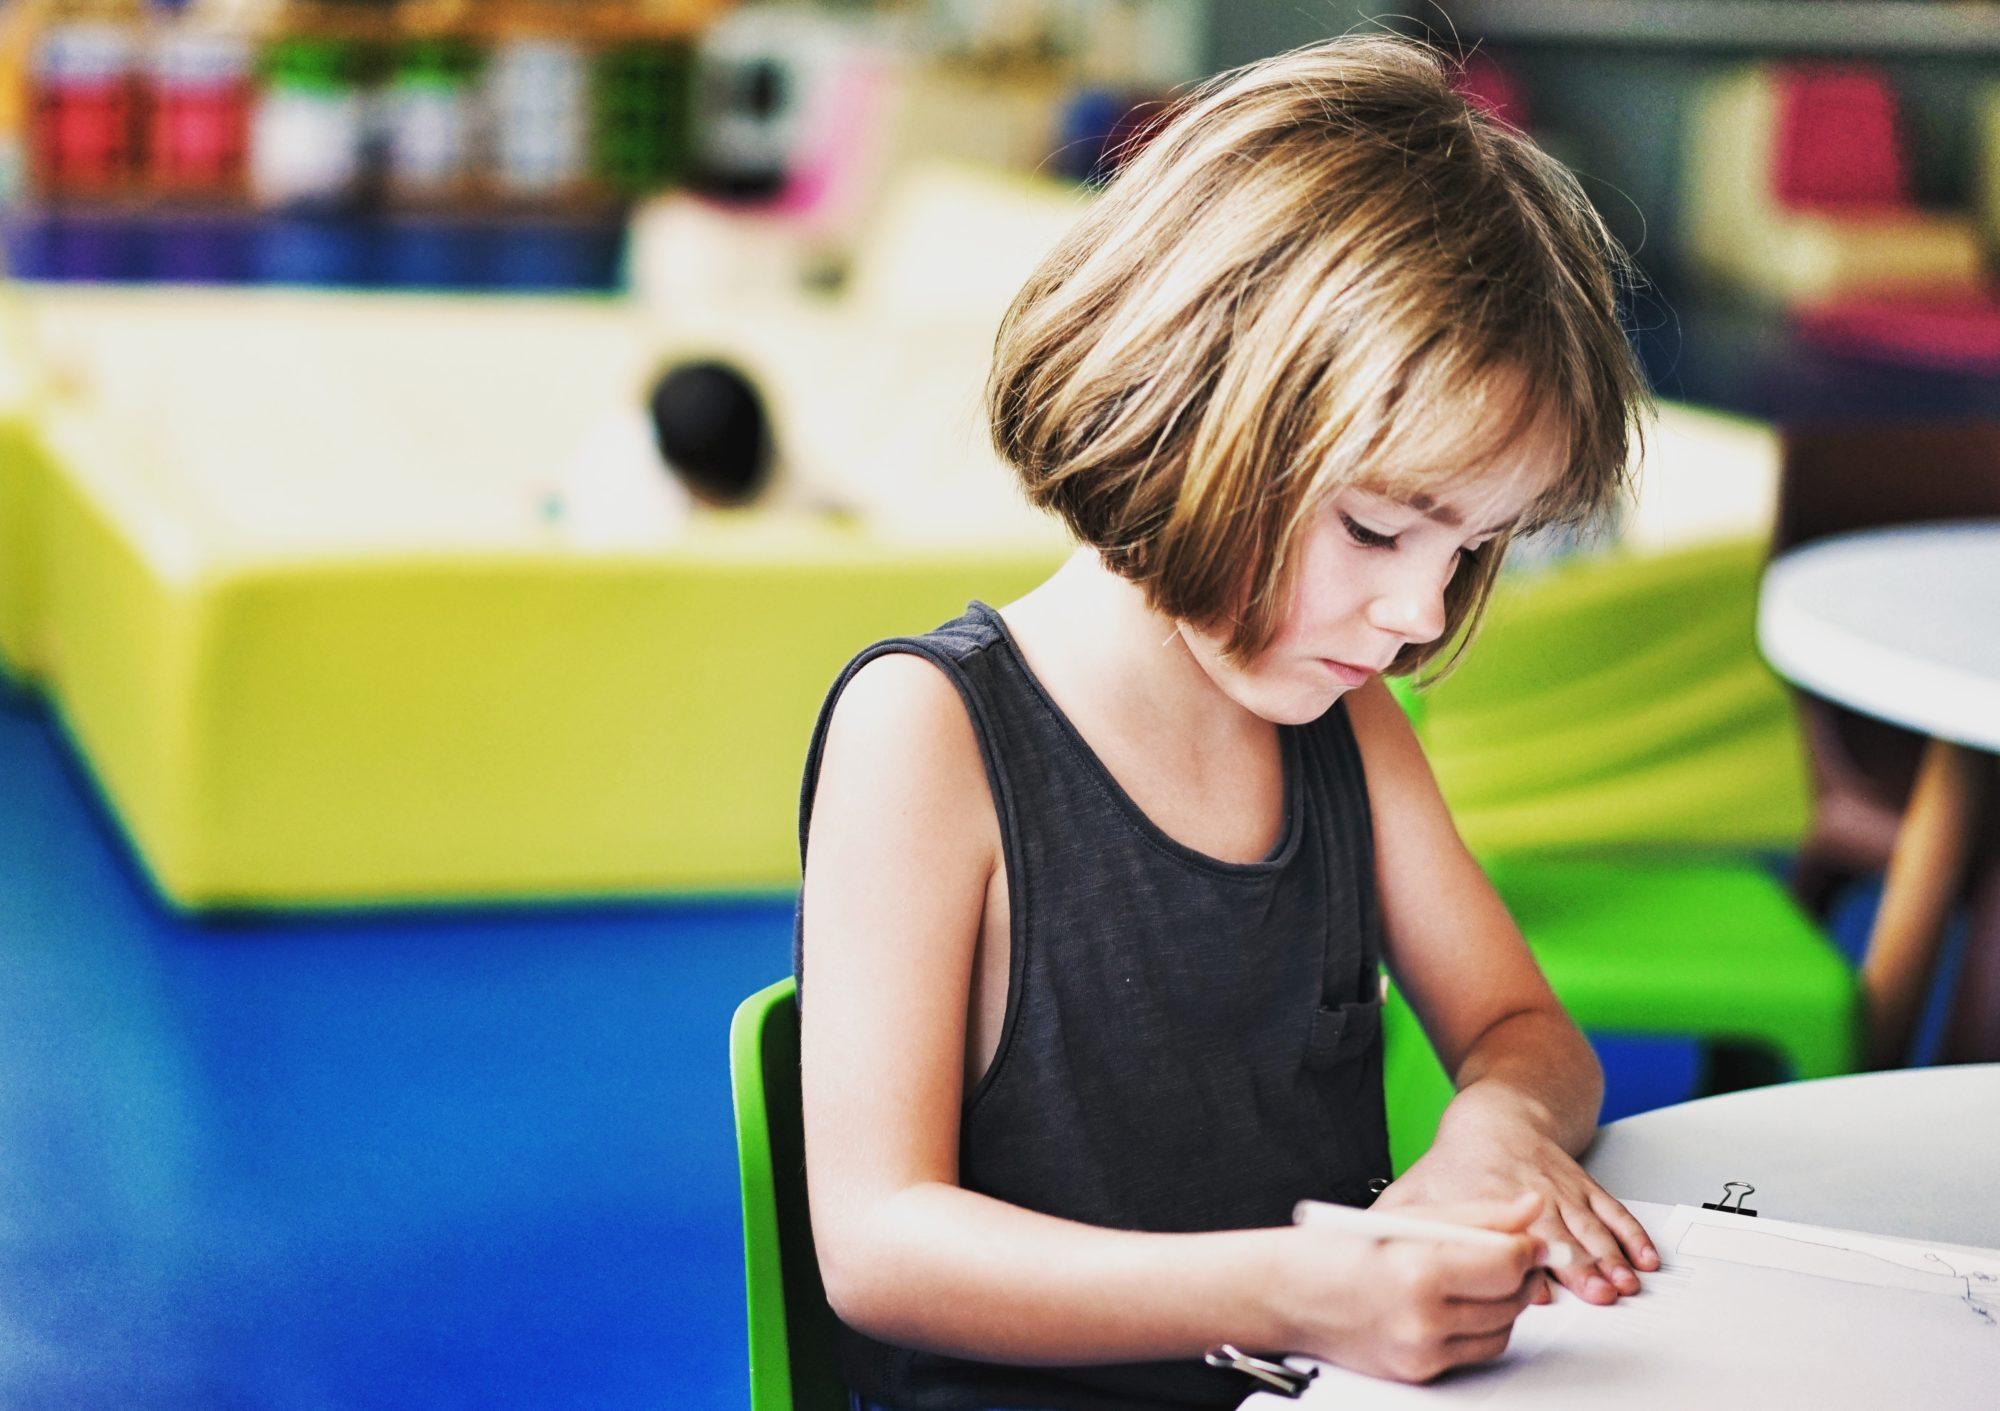 autism in children and CBD